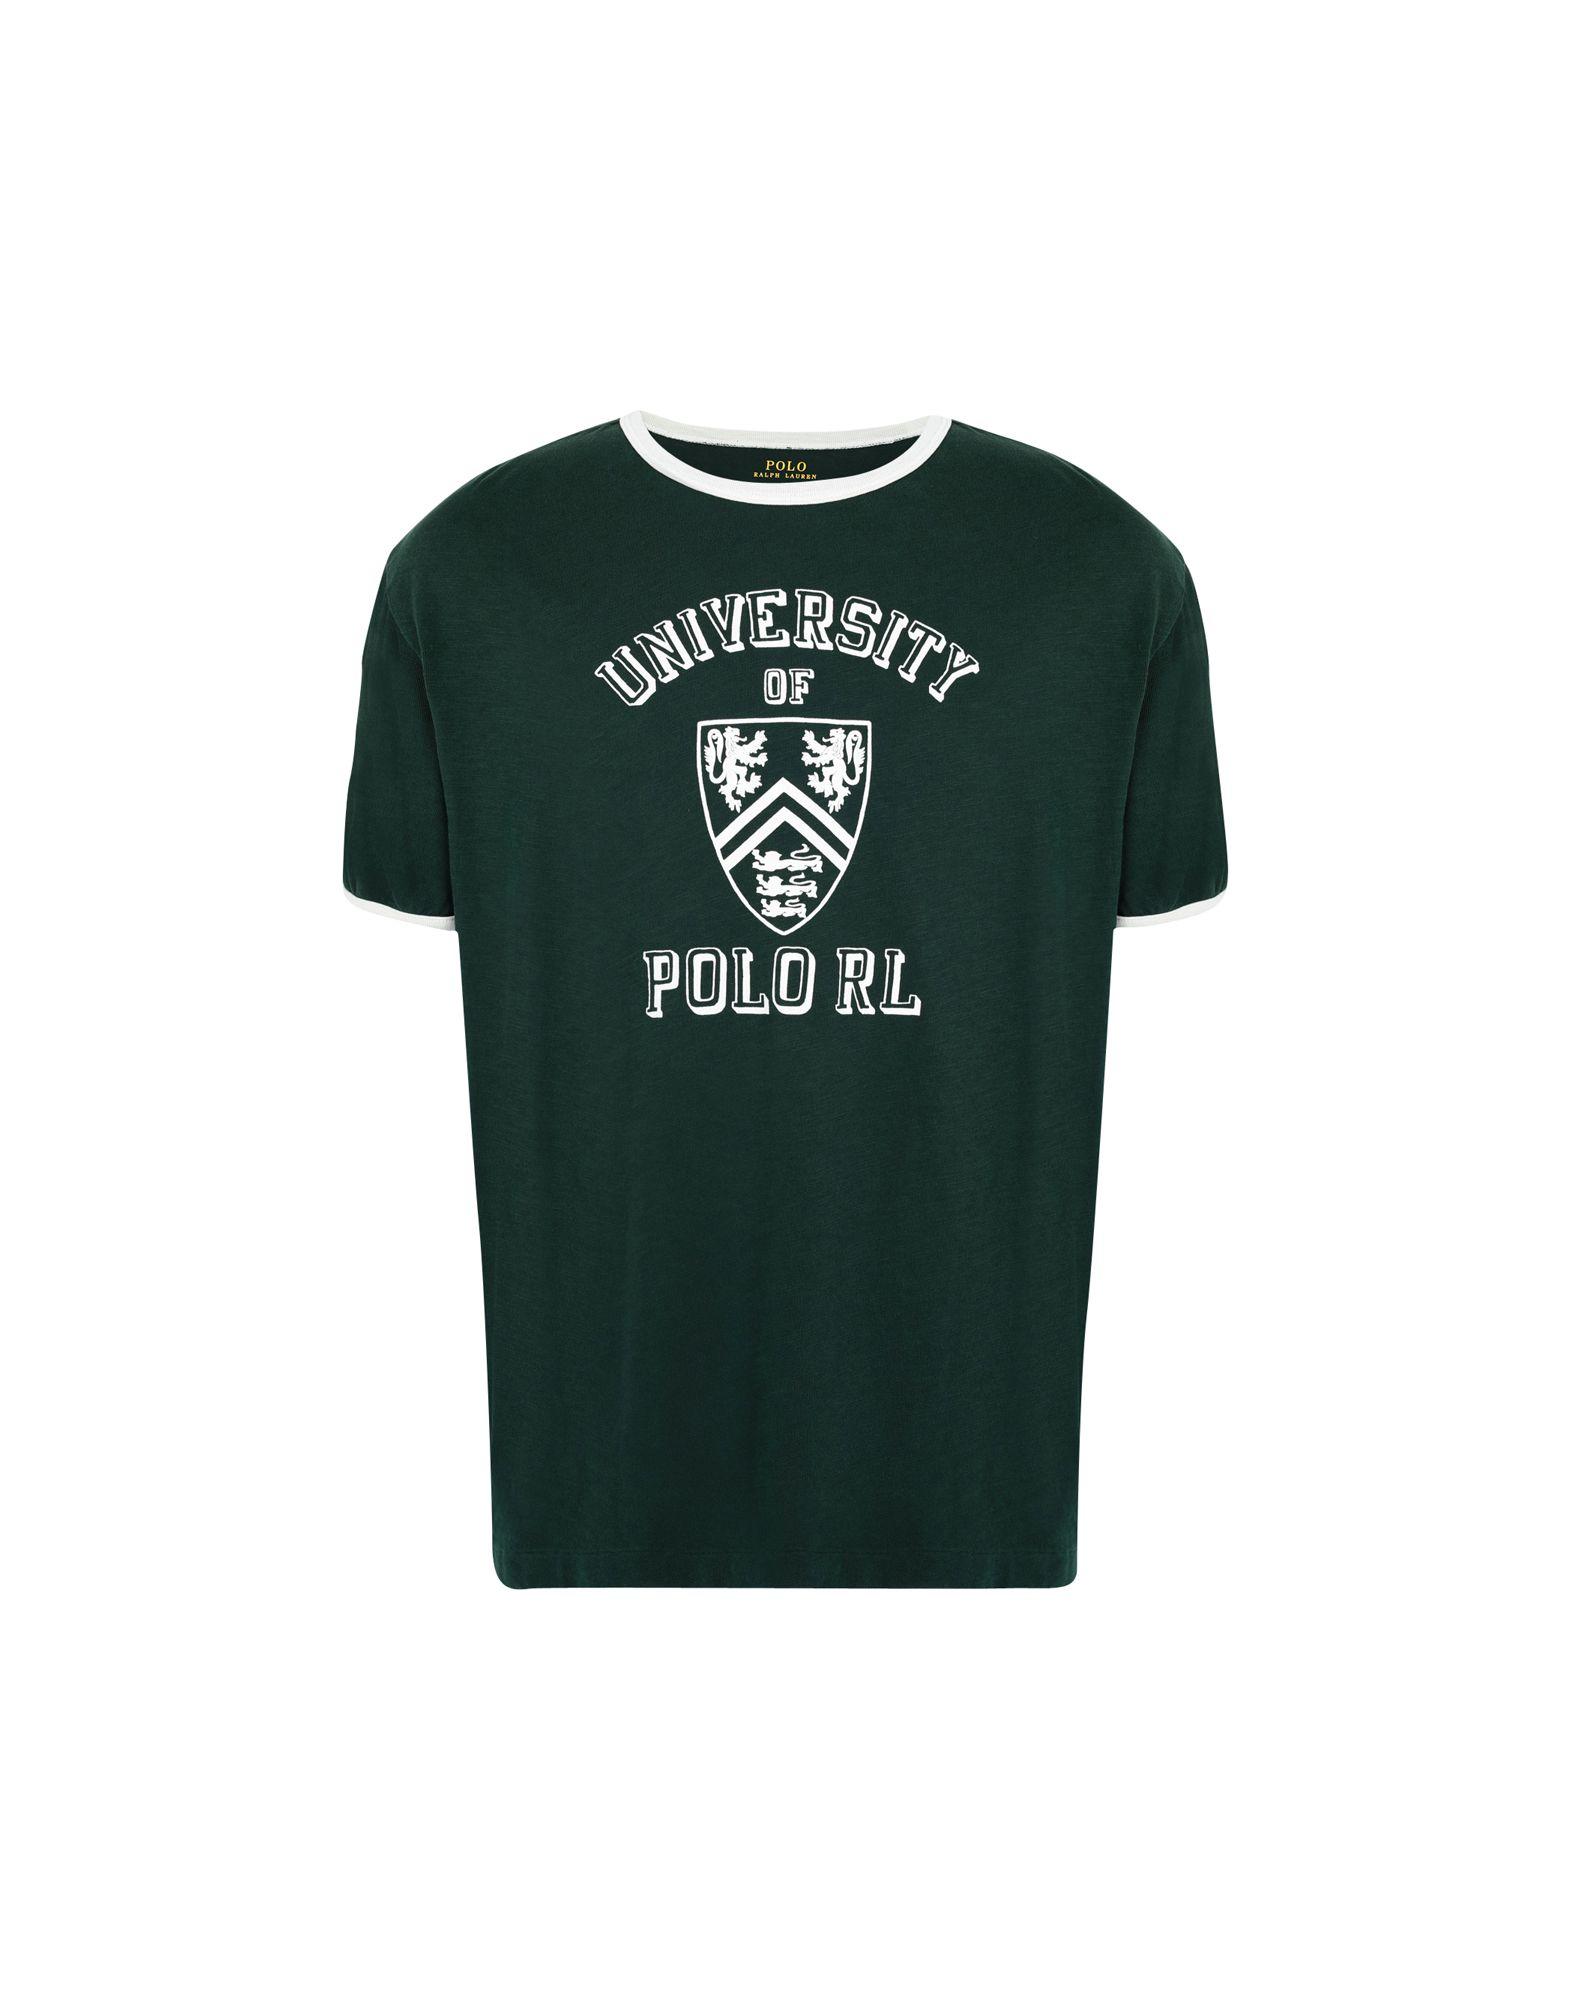 《送料無料》POLO RALPH LAUREN メンズ T シャツ ダークグリーン XS コットン 100% Custom Slim Fit Cotton T-Shirt